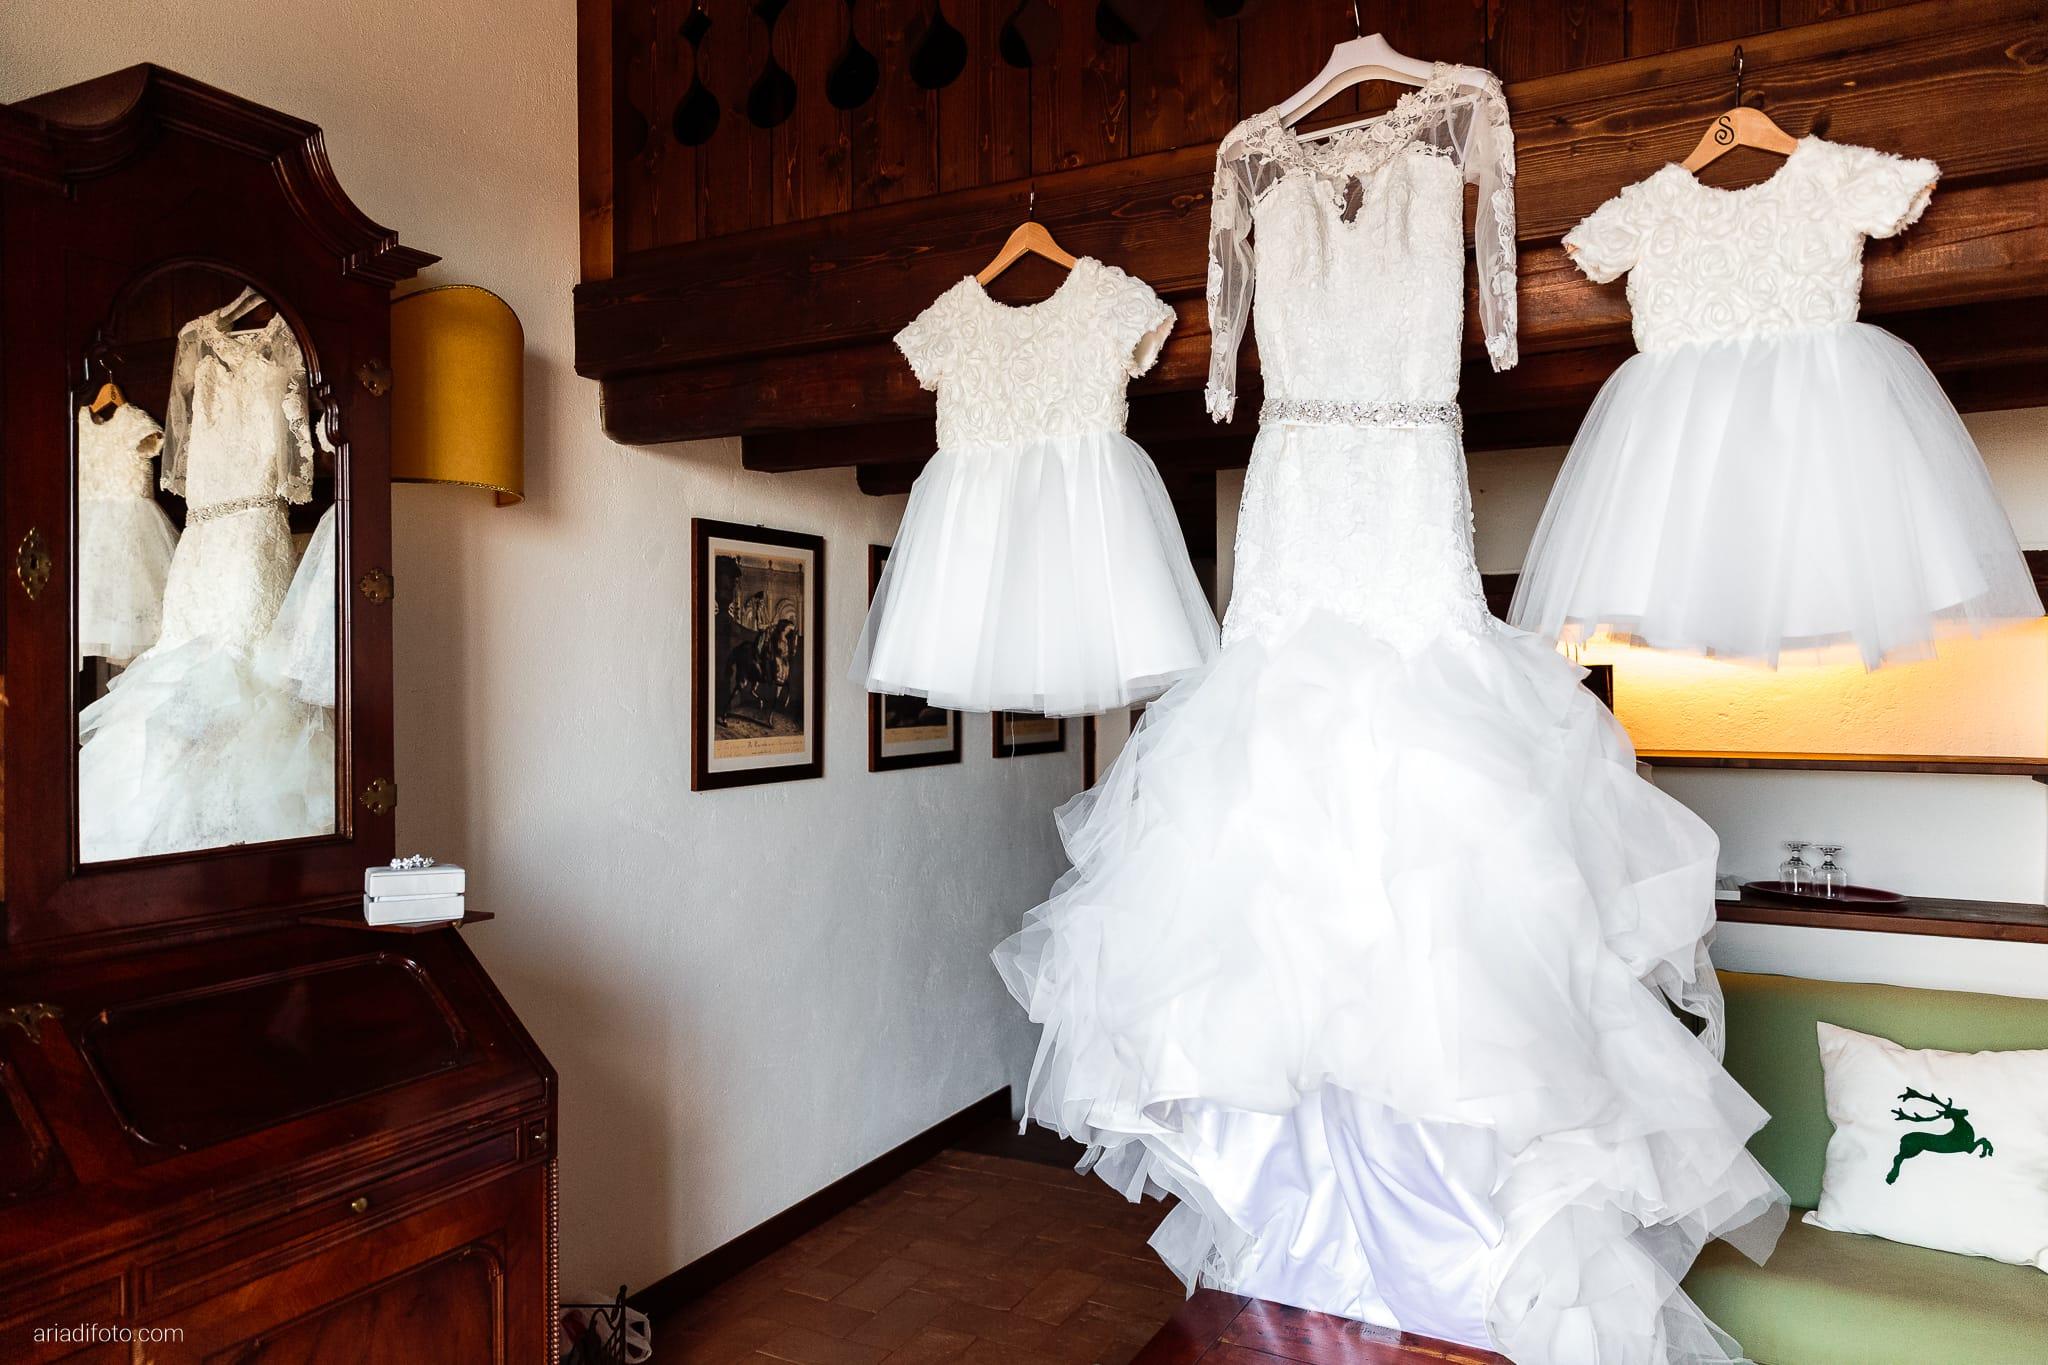 Sofia Mario Matrimonio Baronesse Tacco Collio Gorizia preparativi dettagli abito damigelle